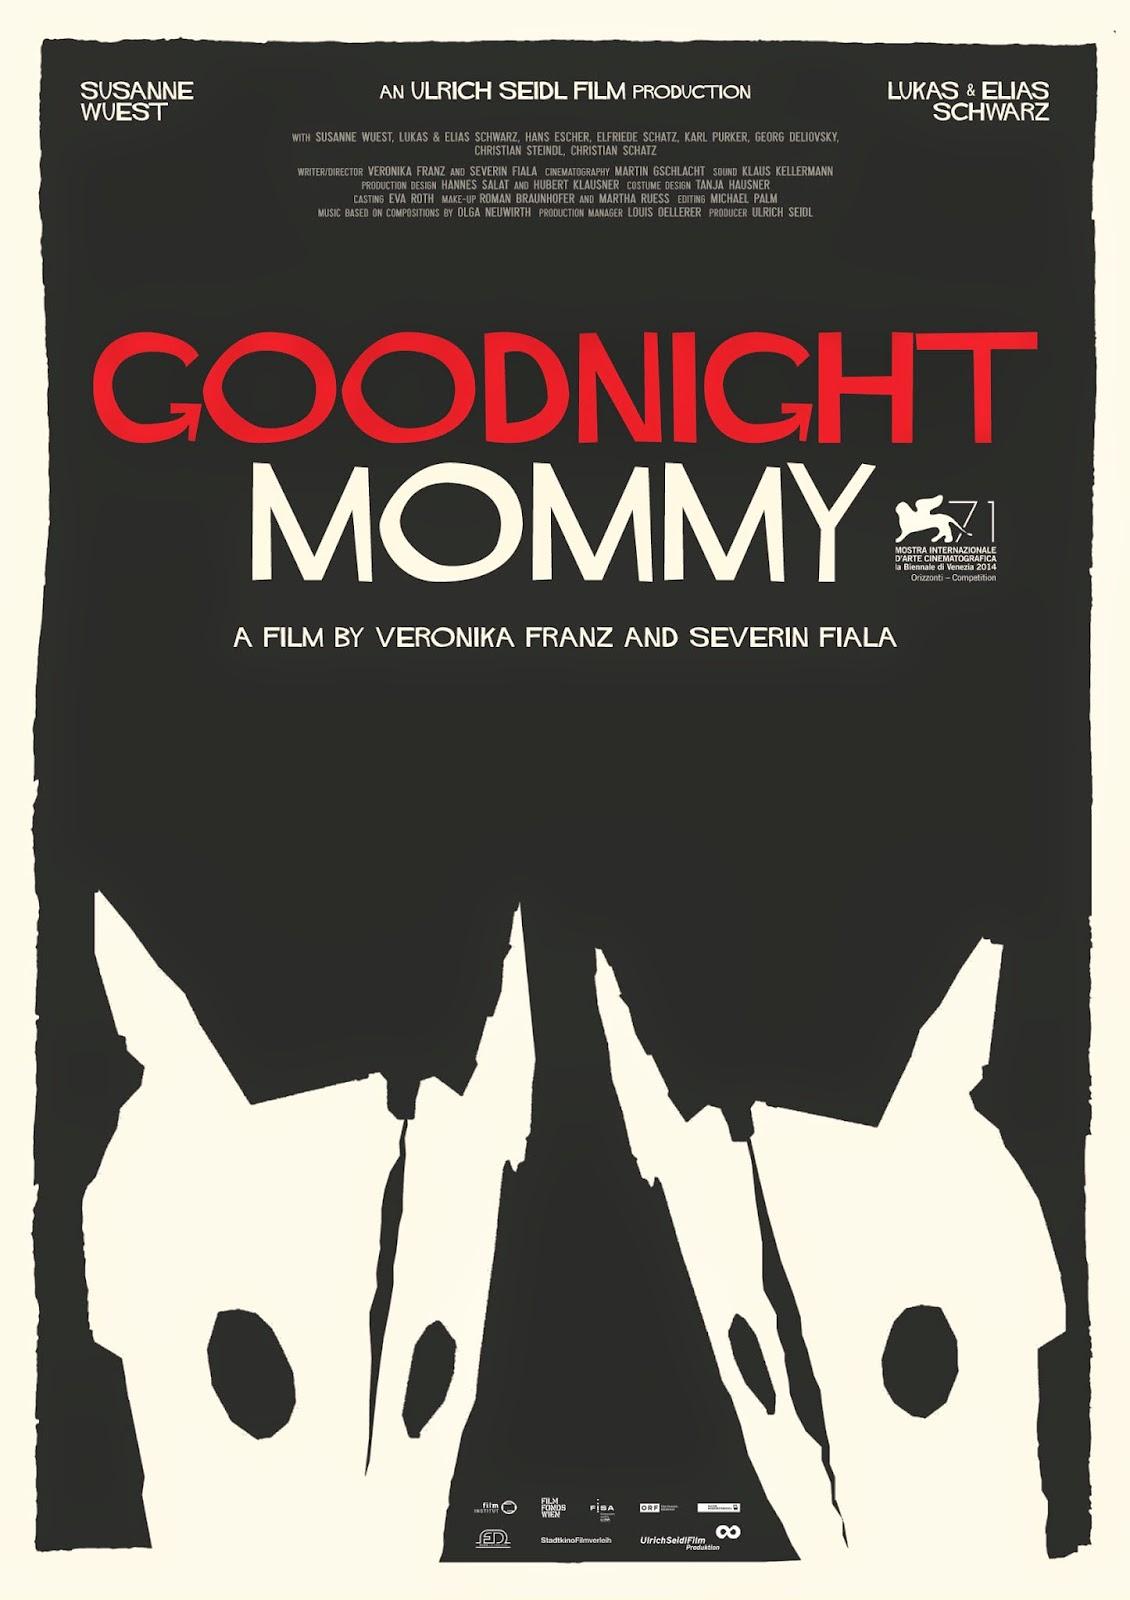 10_Goodnight mommy